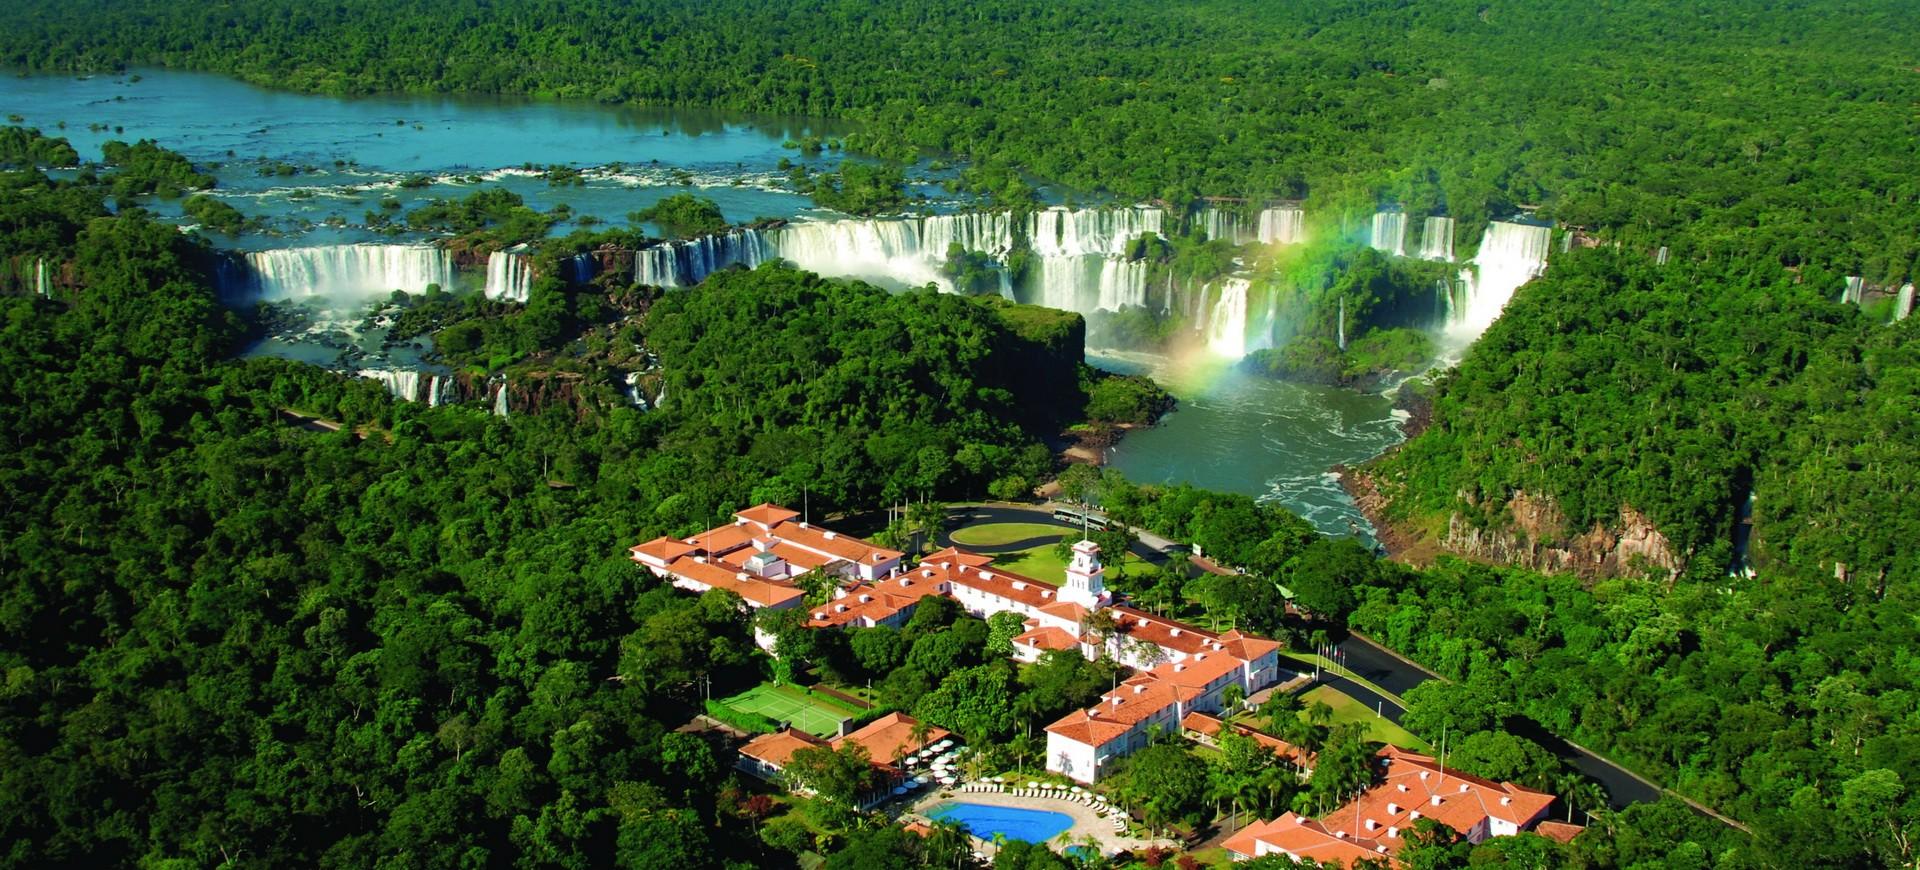 Chutes à Iguacu coté Brésilien